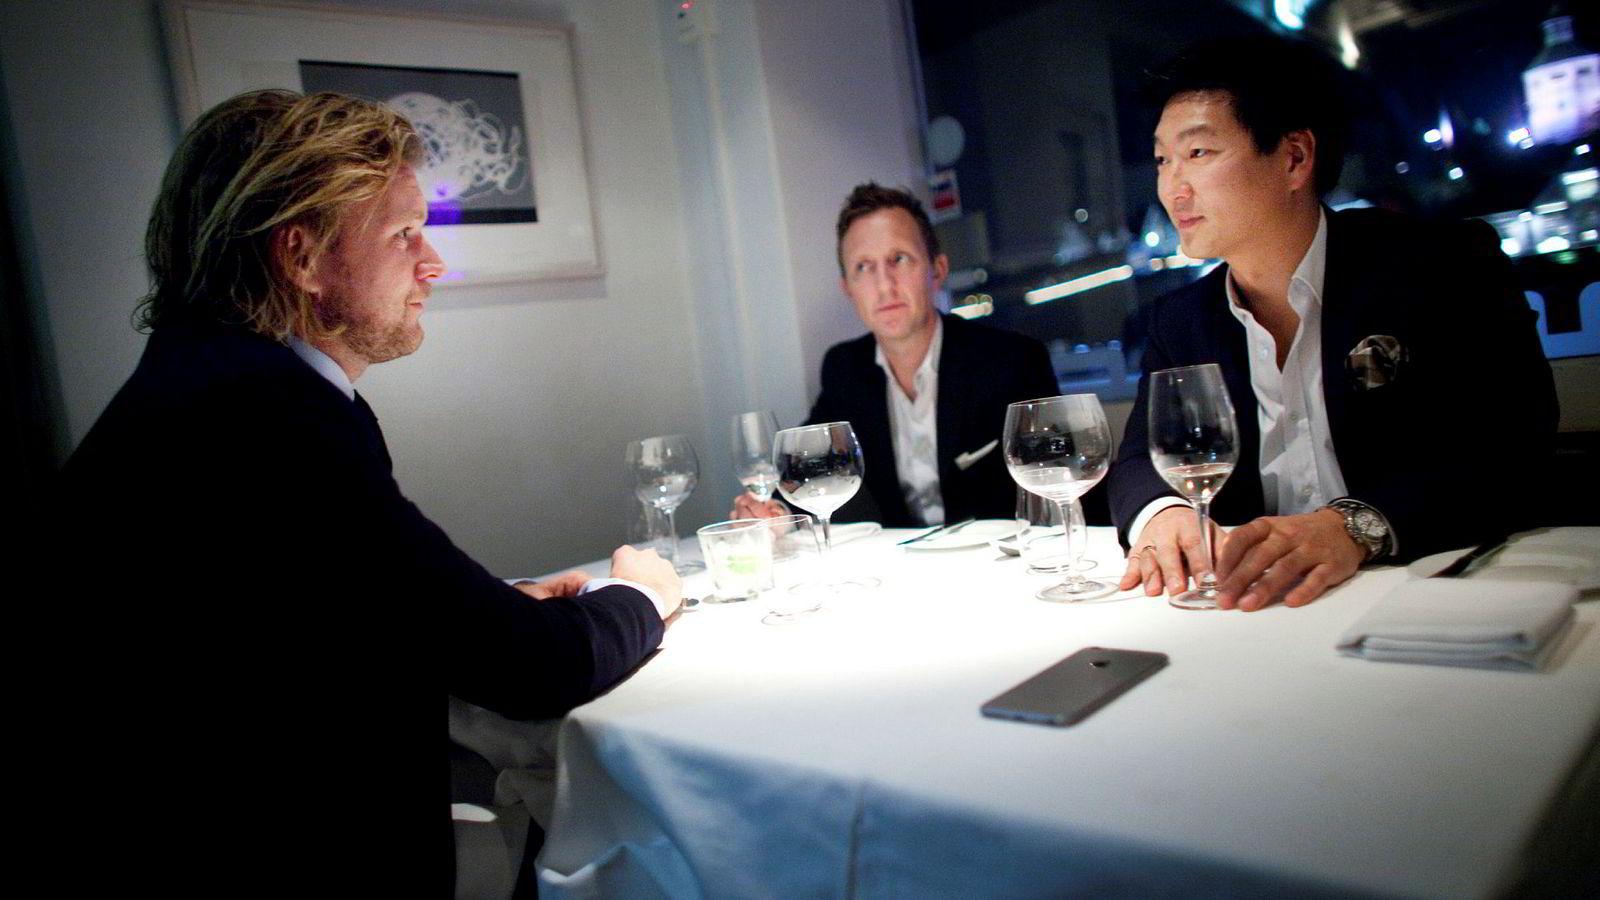 Petter Smedvig Hagland (til venstre) har kjøpt en av de dyreste boligene som er omsatt i Stavanger. Her sammen med Kjetil Andersen og Thomas Mjeldheim som han har startet eiendomsselskap sammen med.